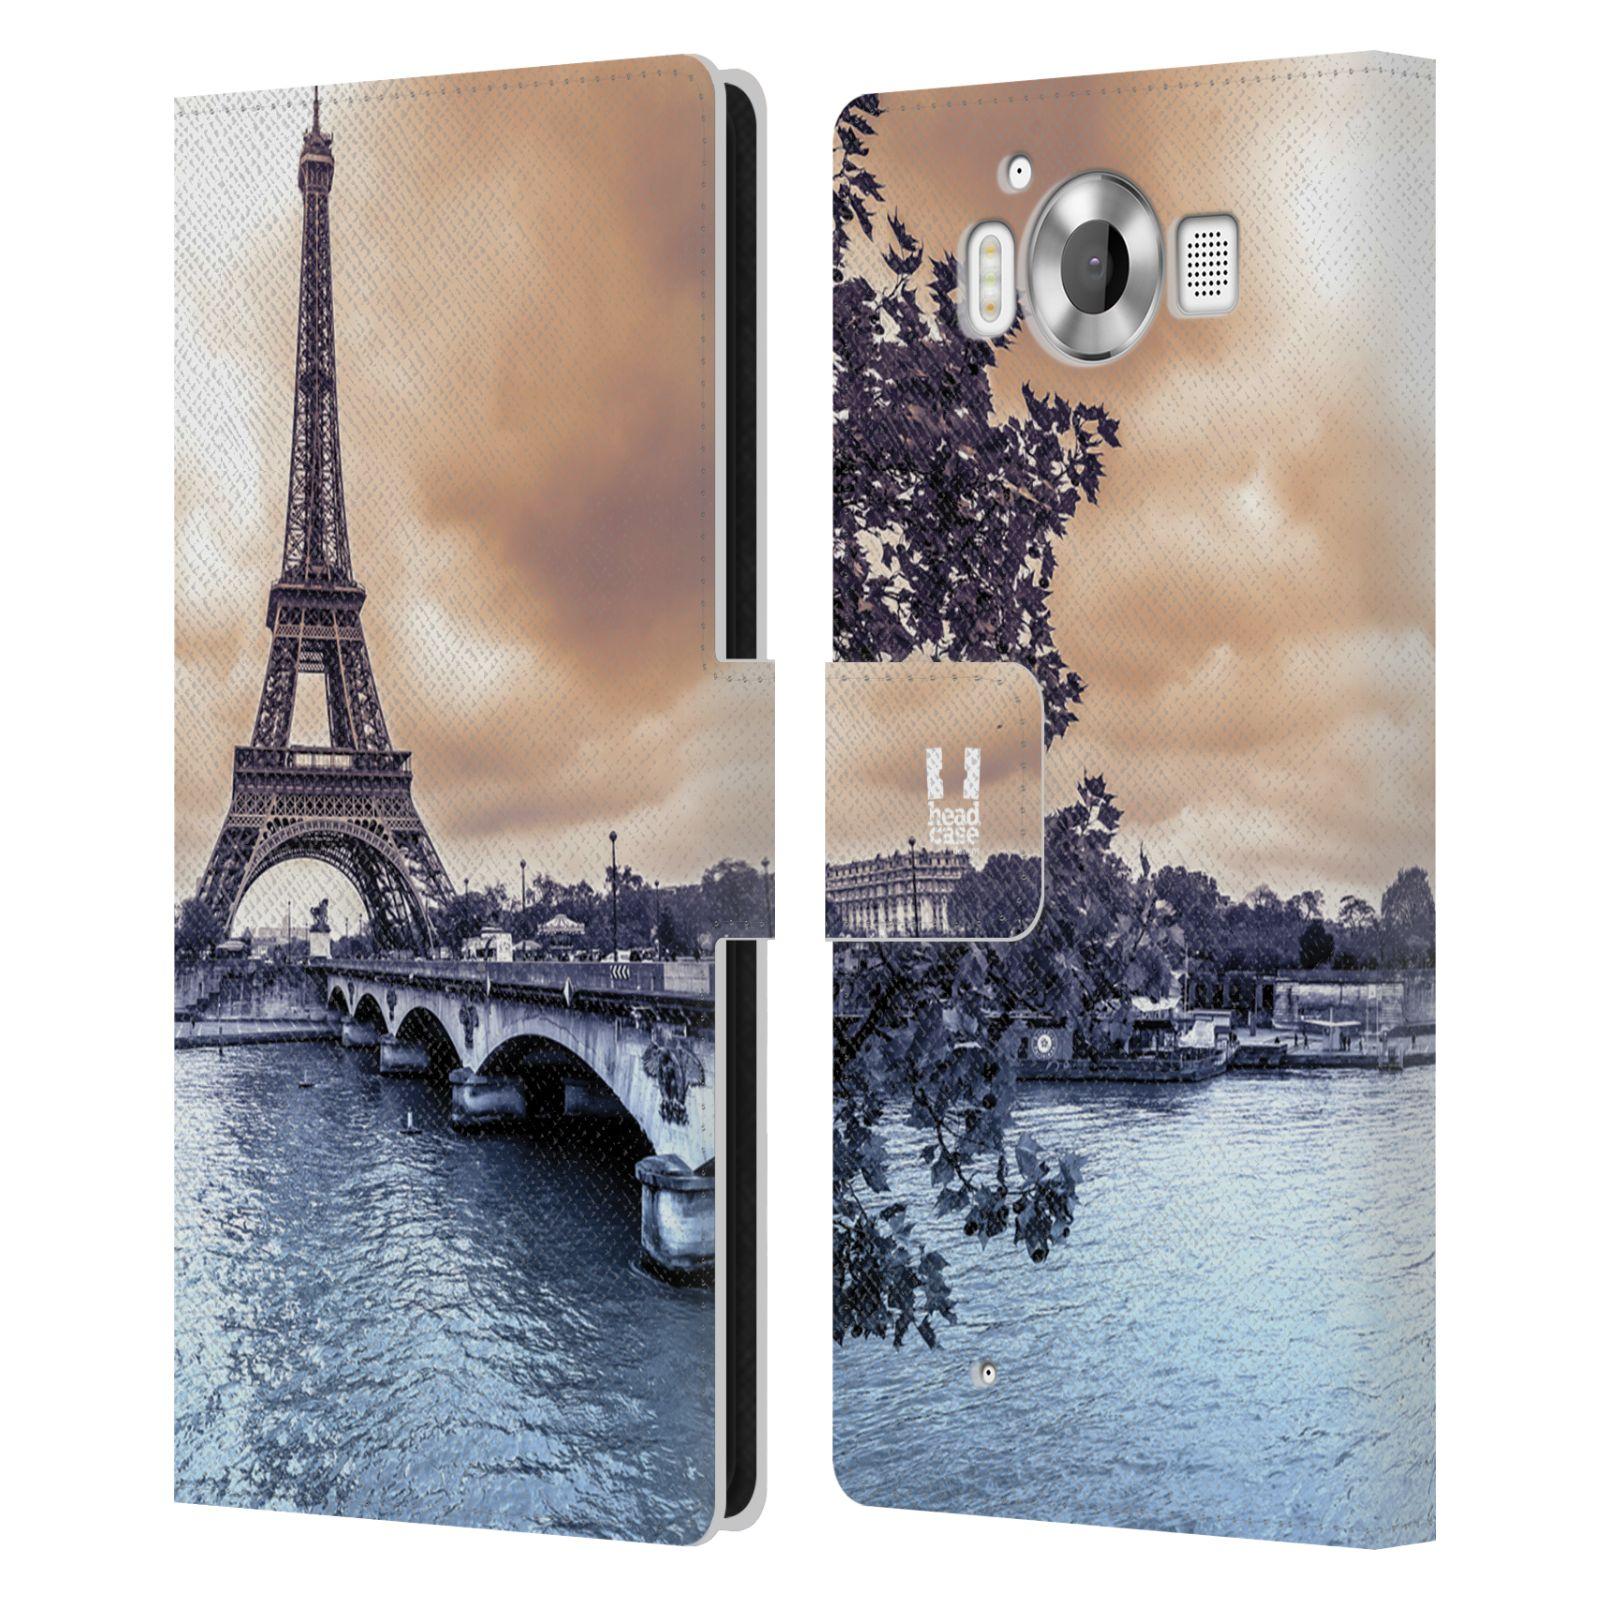 Pouzdro na mobil Nokia Lumia 950 - Head Case - Paříž Eiffelova věž